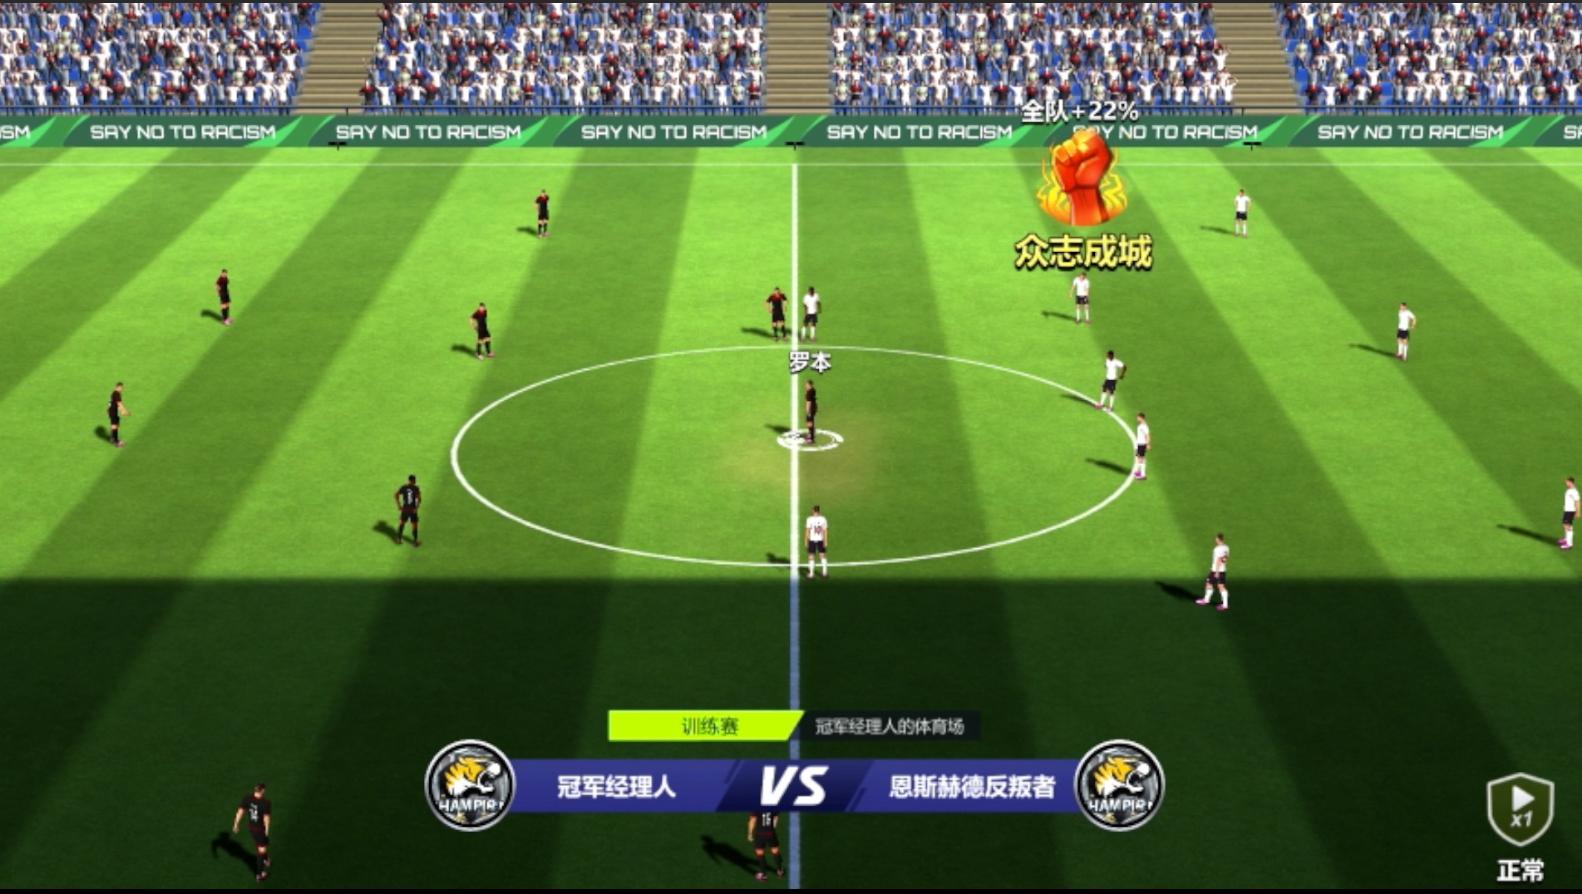 《全民冠军足球》版本宣传片曝光,革新玩法带来极致体验!